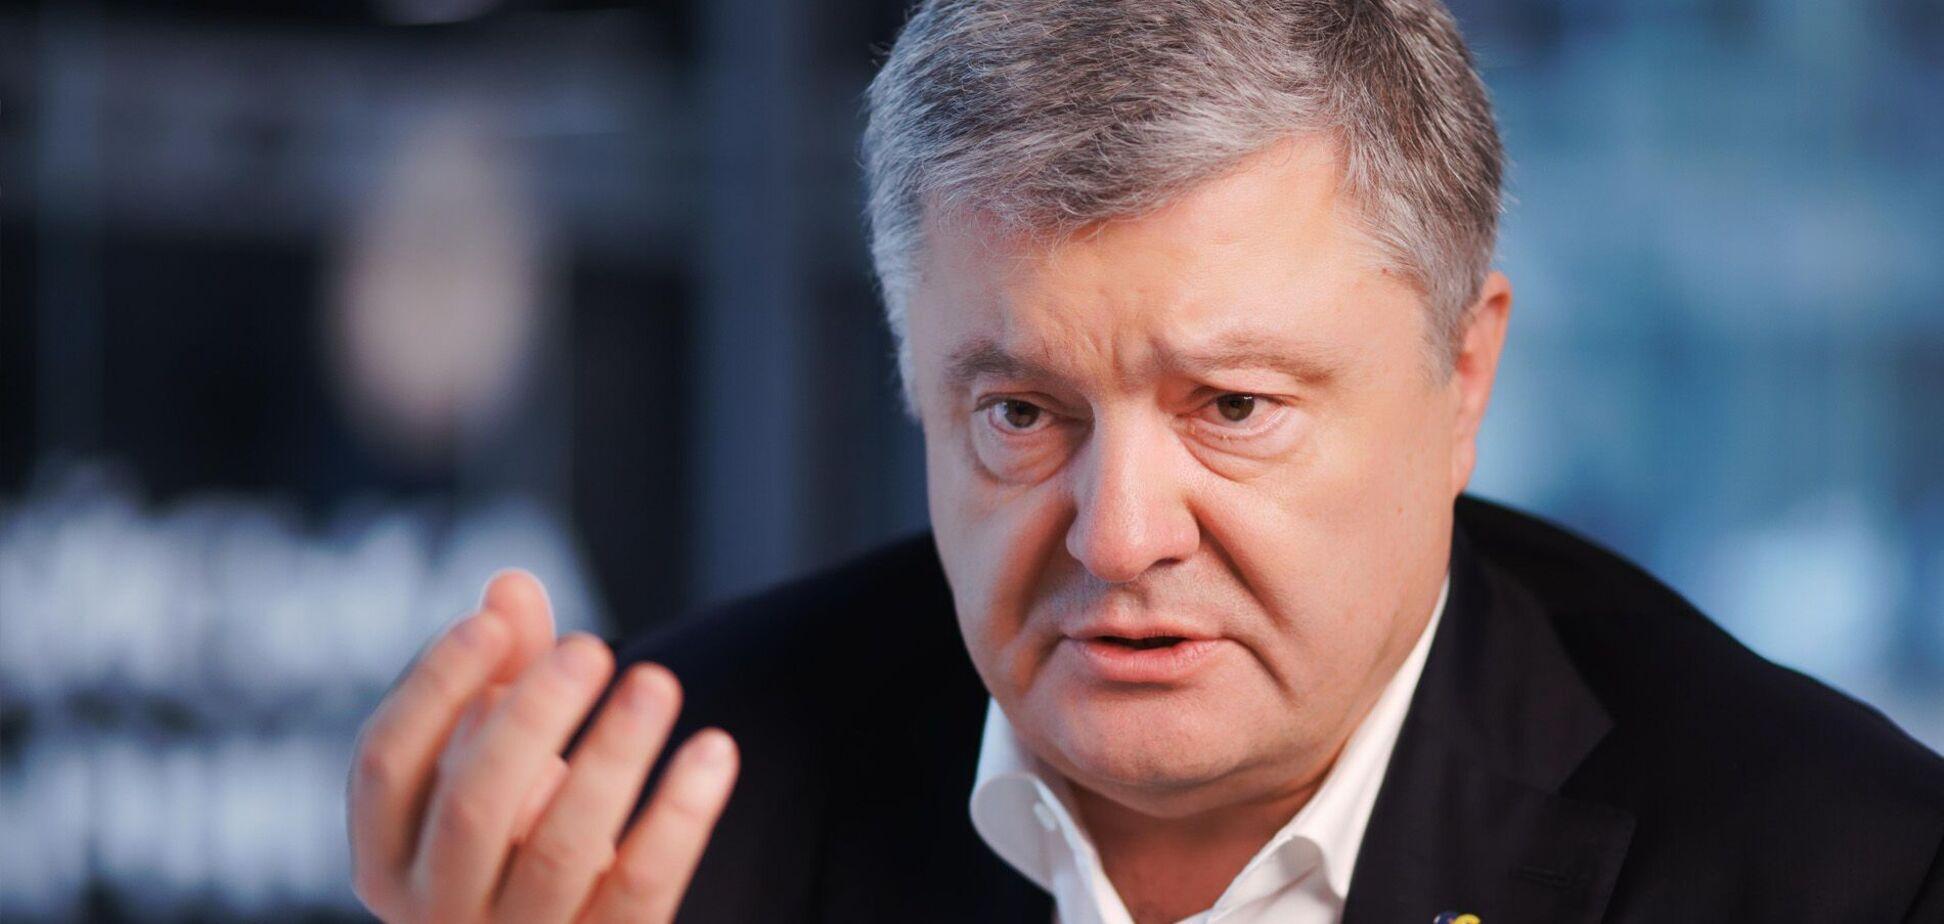 Порошенко призвал провести прозрачный конкурс на должность руководителя САП. Фото: Украинская правда